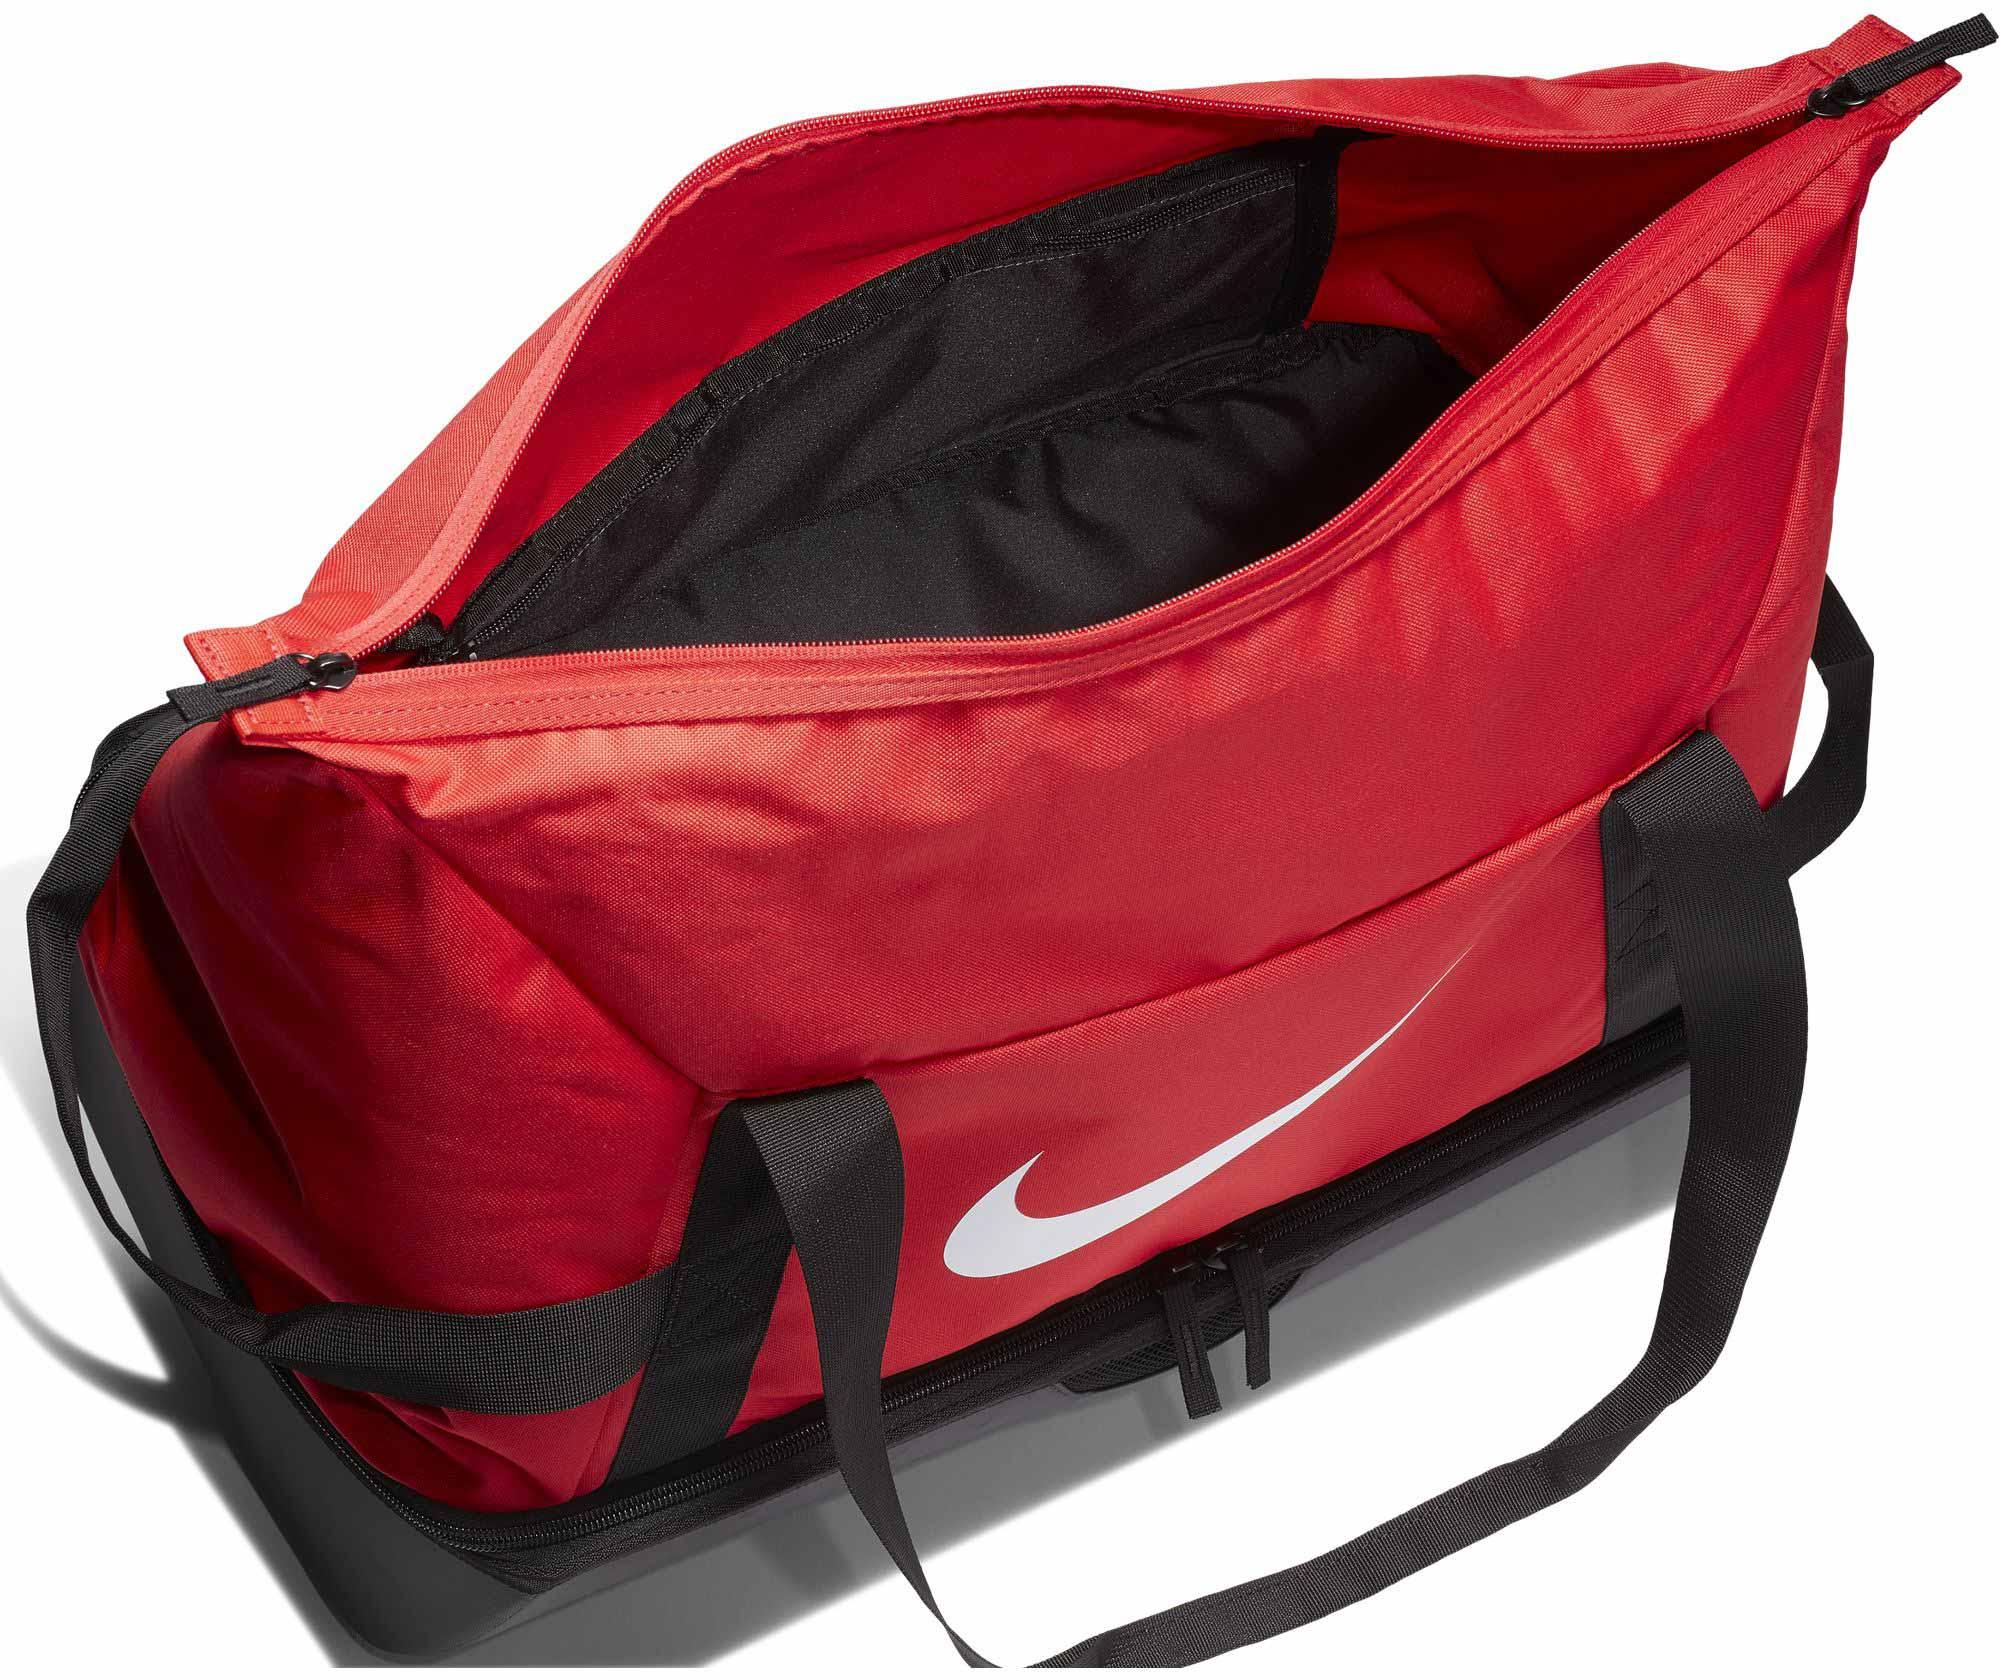 a031dc4963 Sportovní taška Nike Academy Club Team Hardcase Medium červená ...